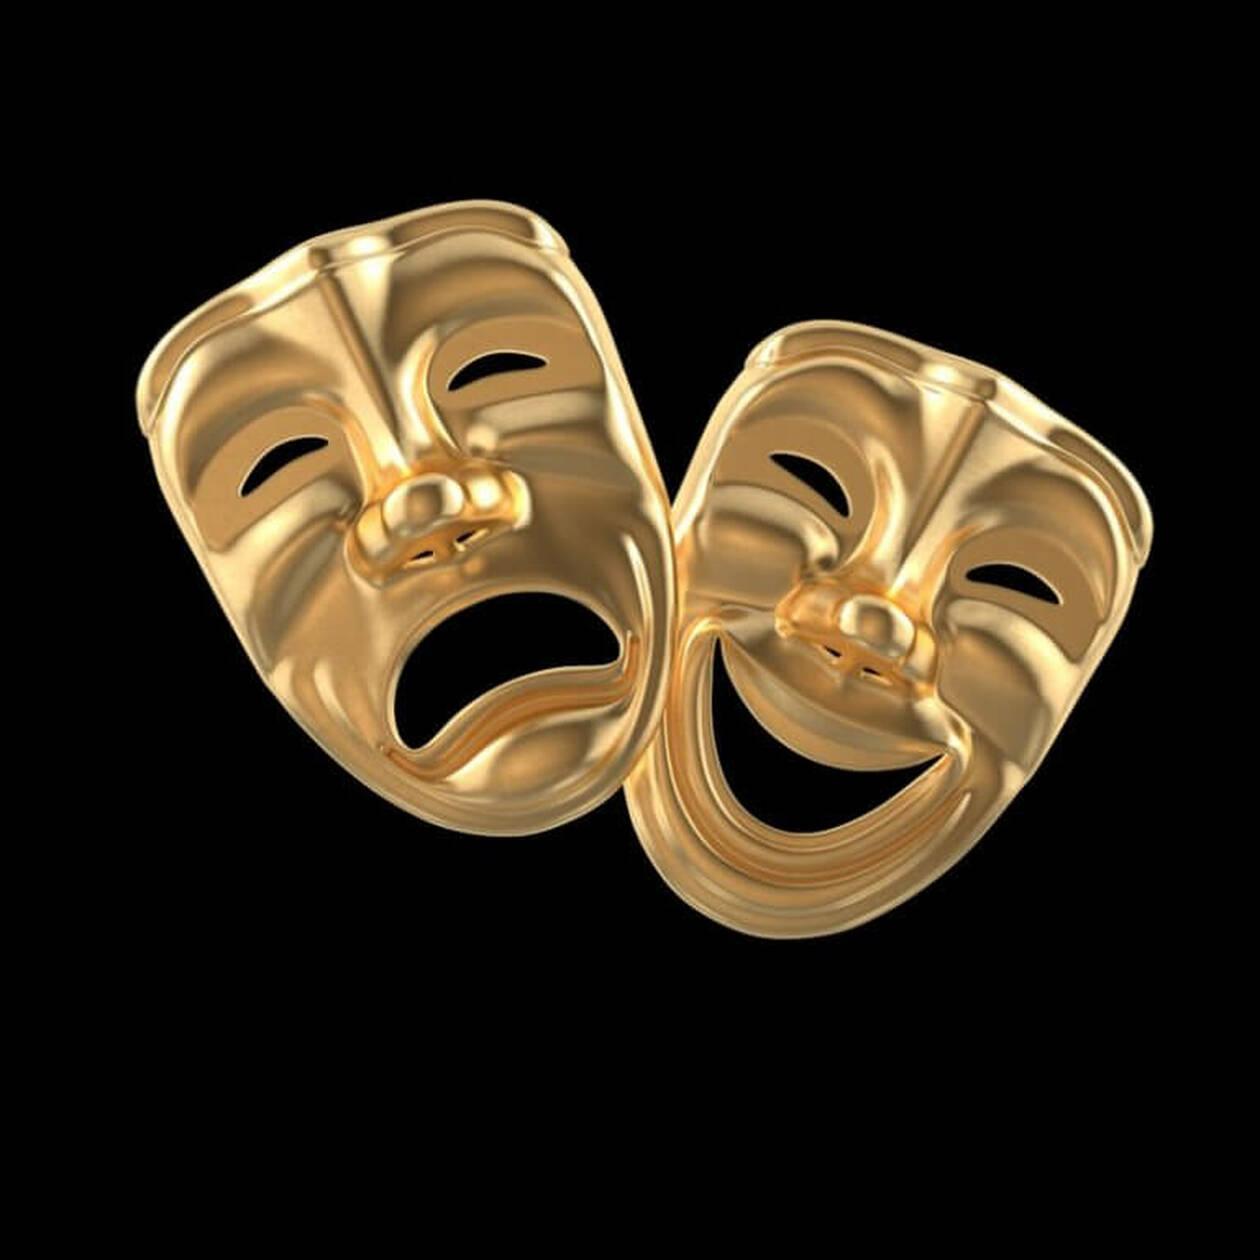 theater-masks-3D-model_D-768x768.jpg